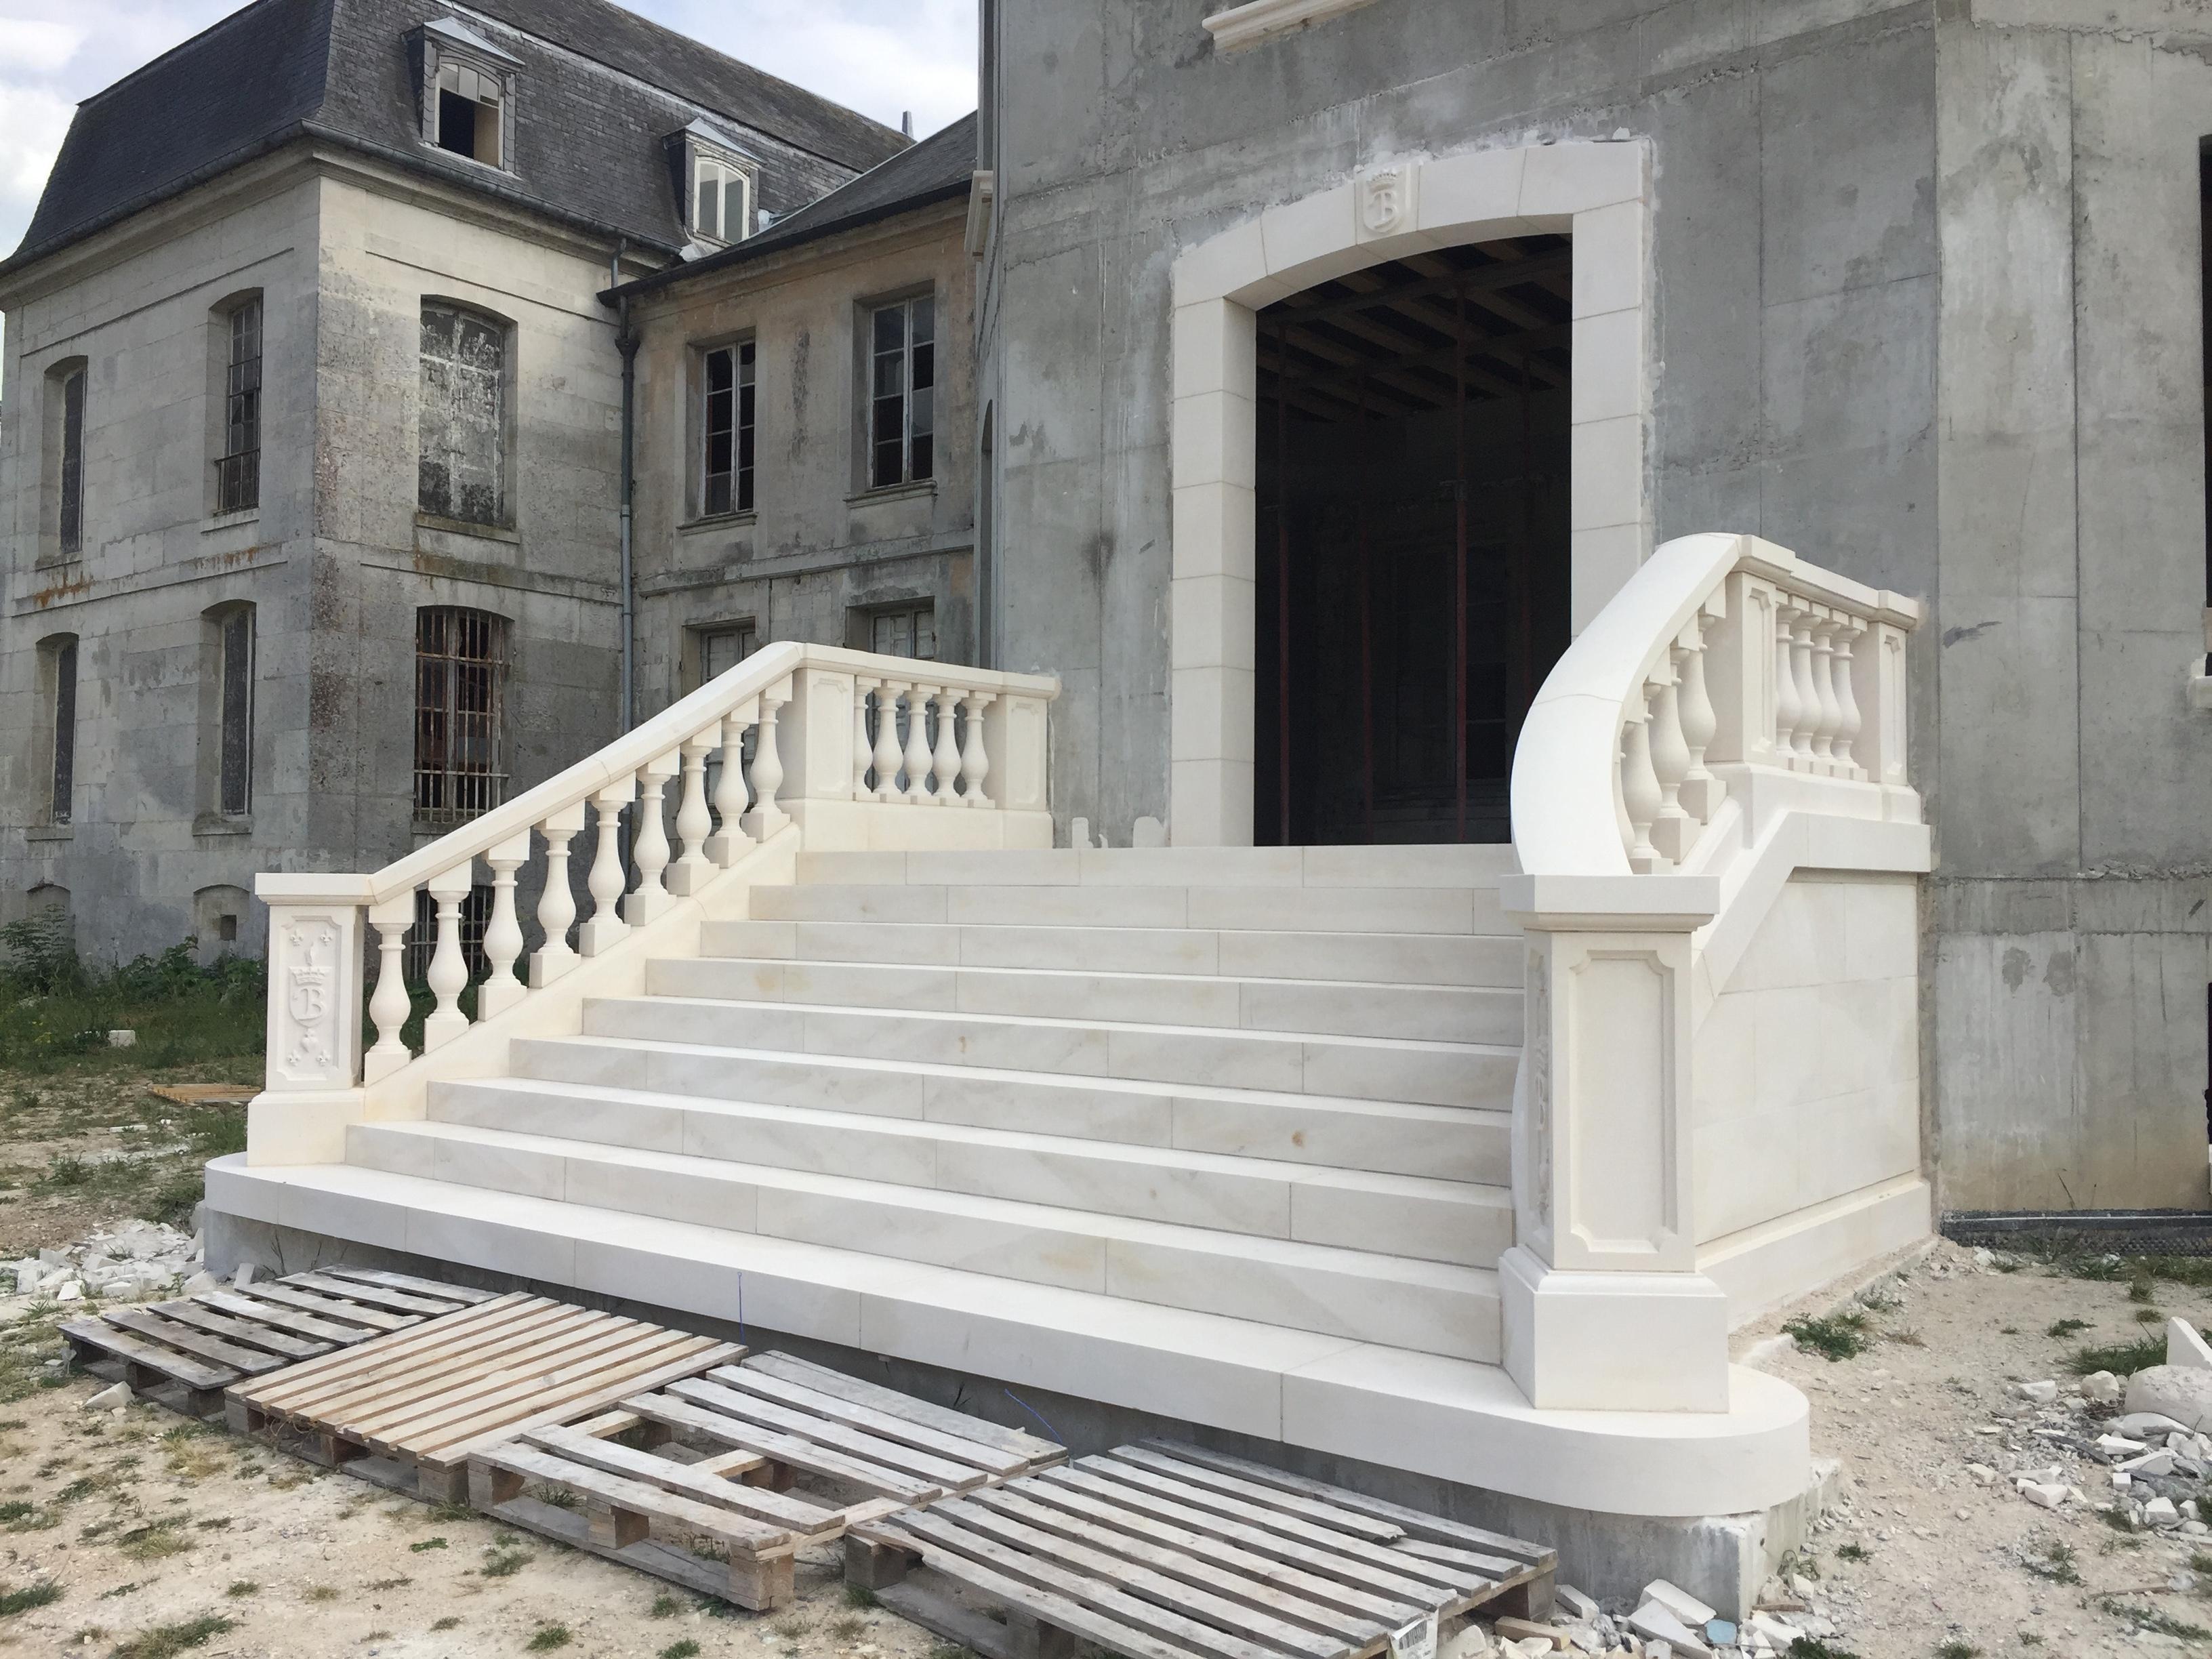 Escalier monumental par MPR